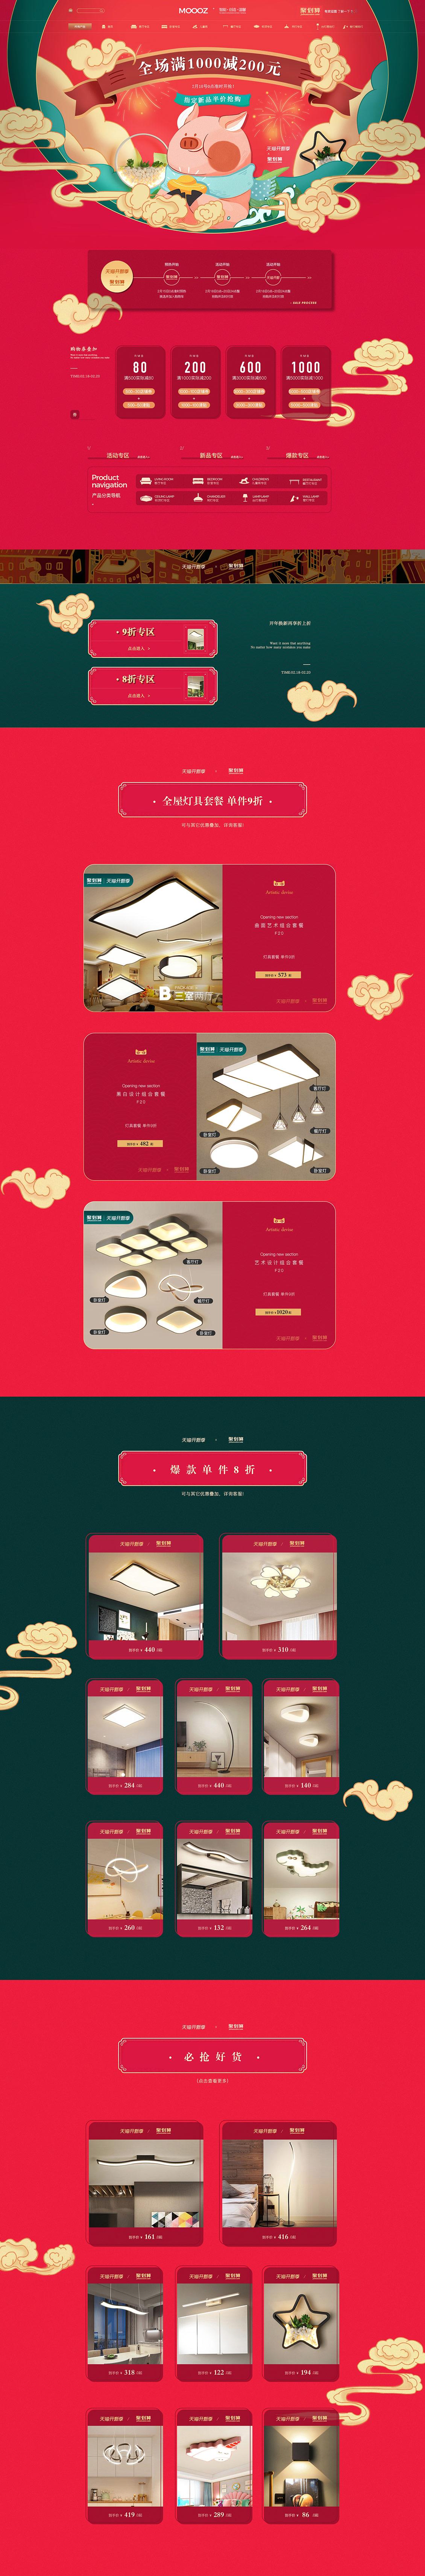 名尊家居 家装灯饰 照明 灯具 新年 年货节 元宵节 天猫首页网页设计